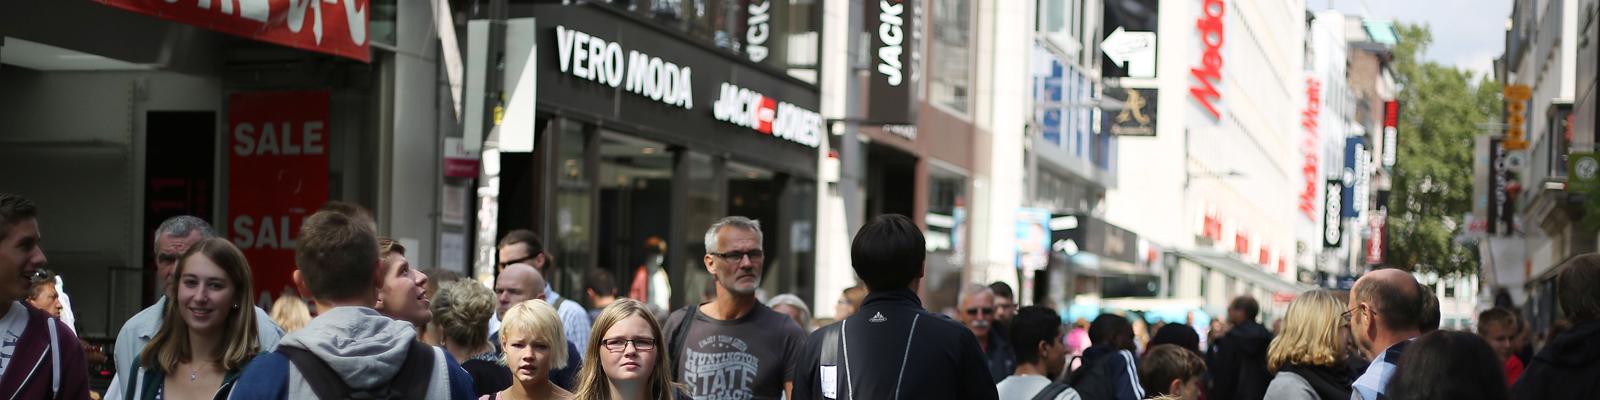 Passanten in der Kölner Einkaufsmeile Hohe Straße